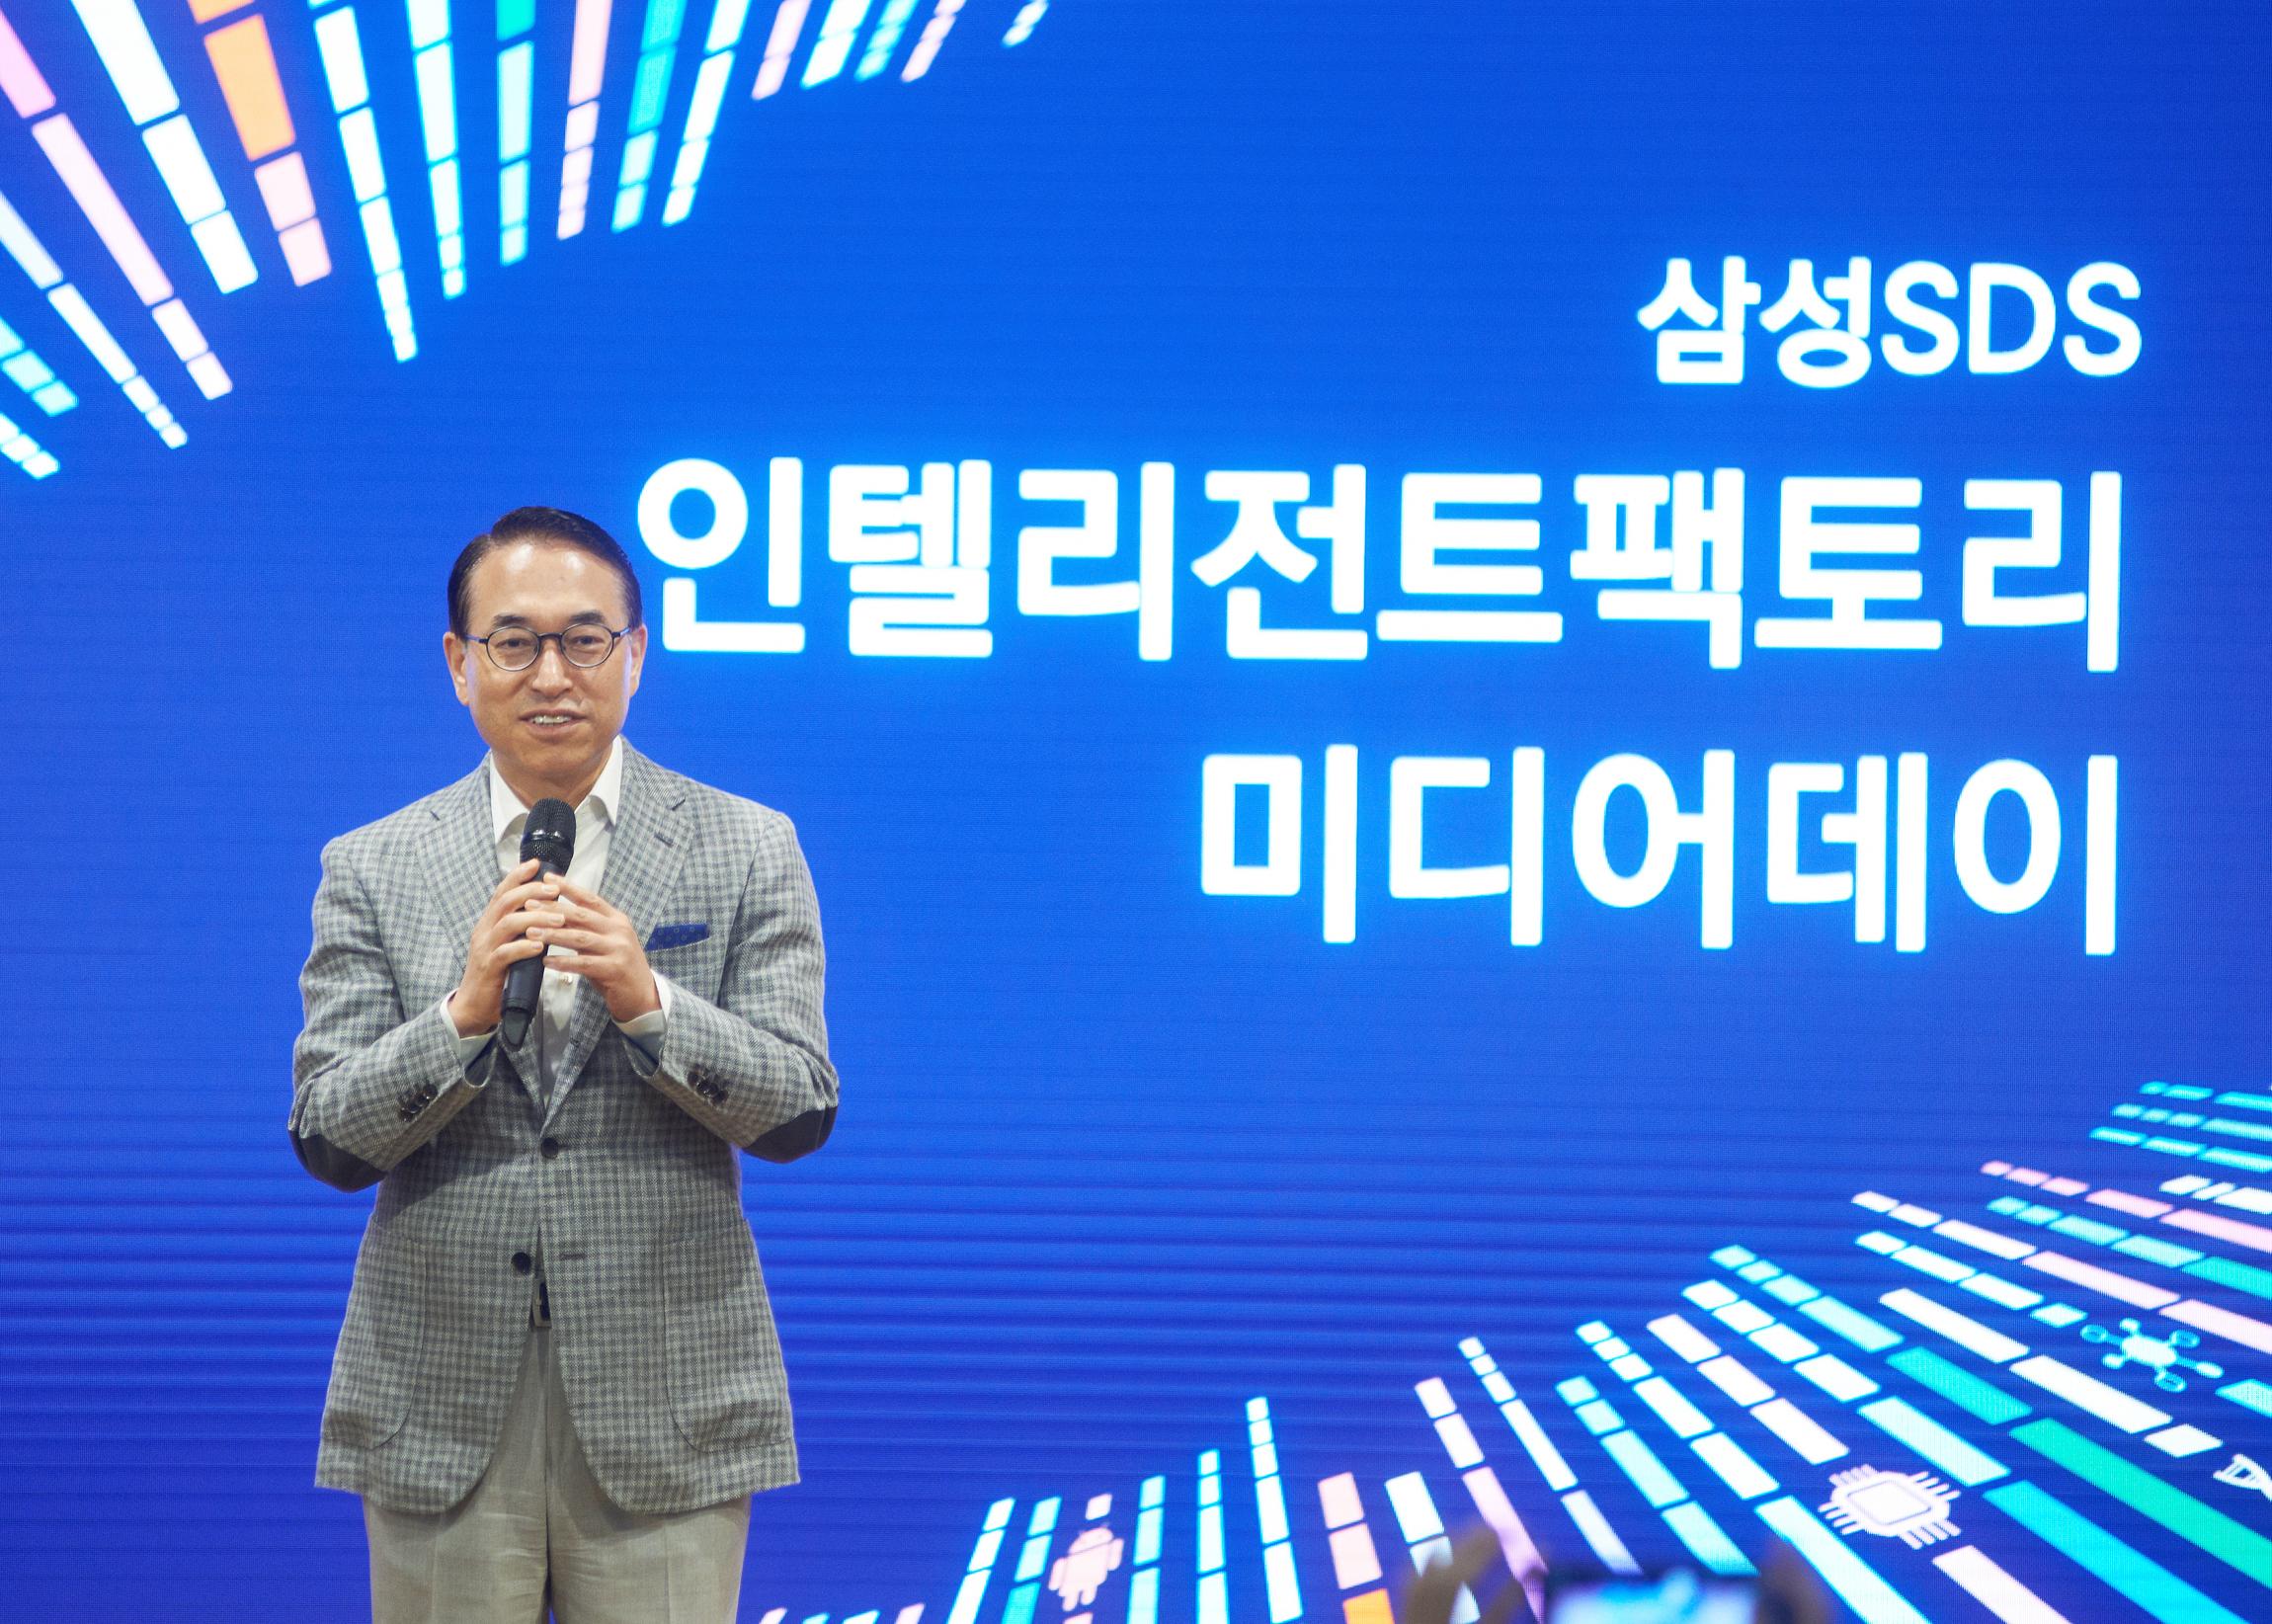 삼성SDS 홍원표 대표이사가 인사말을 하고 있다